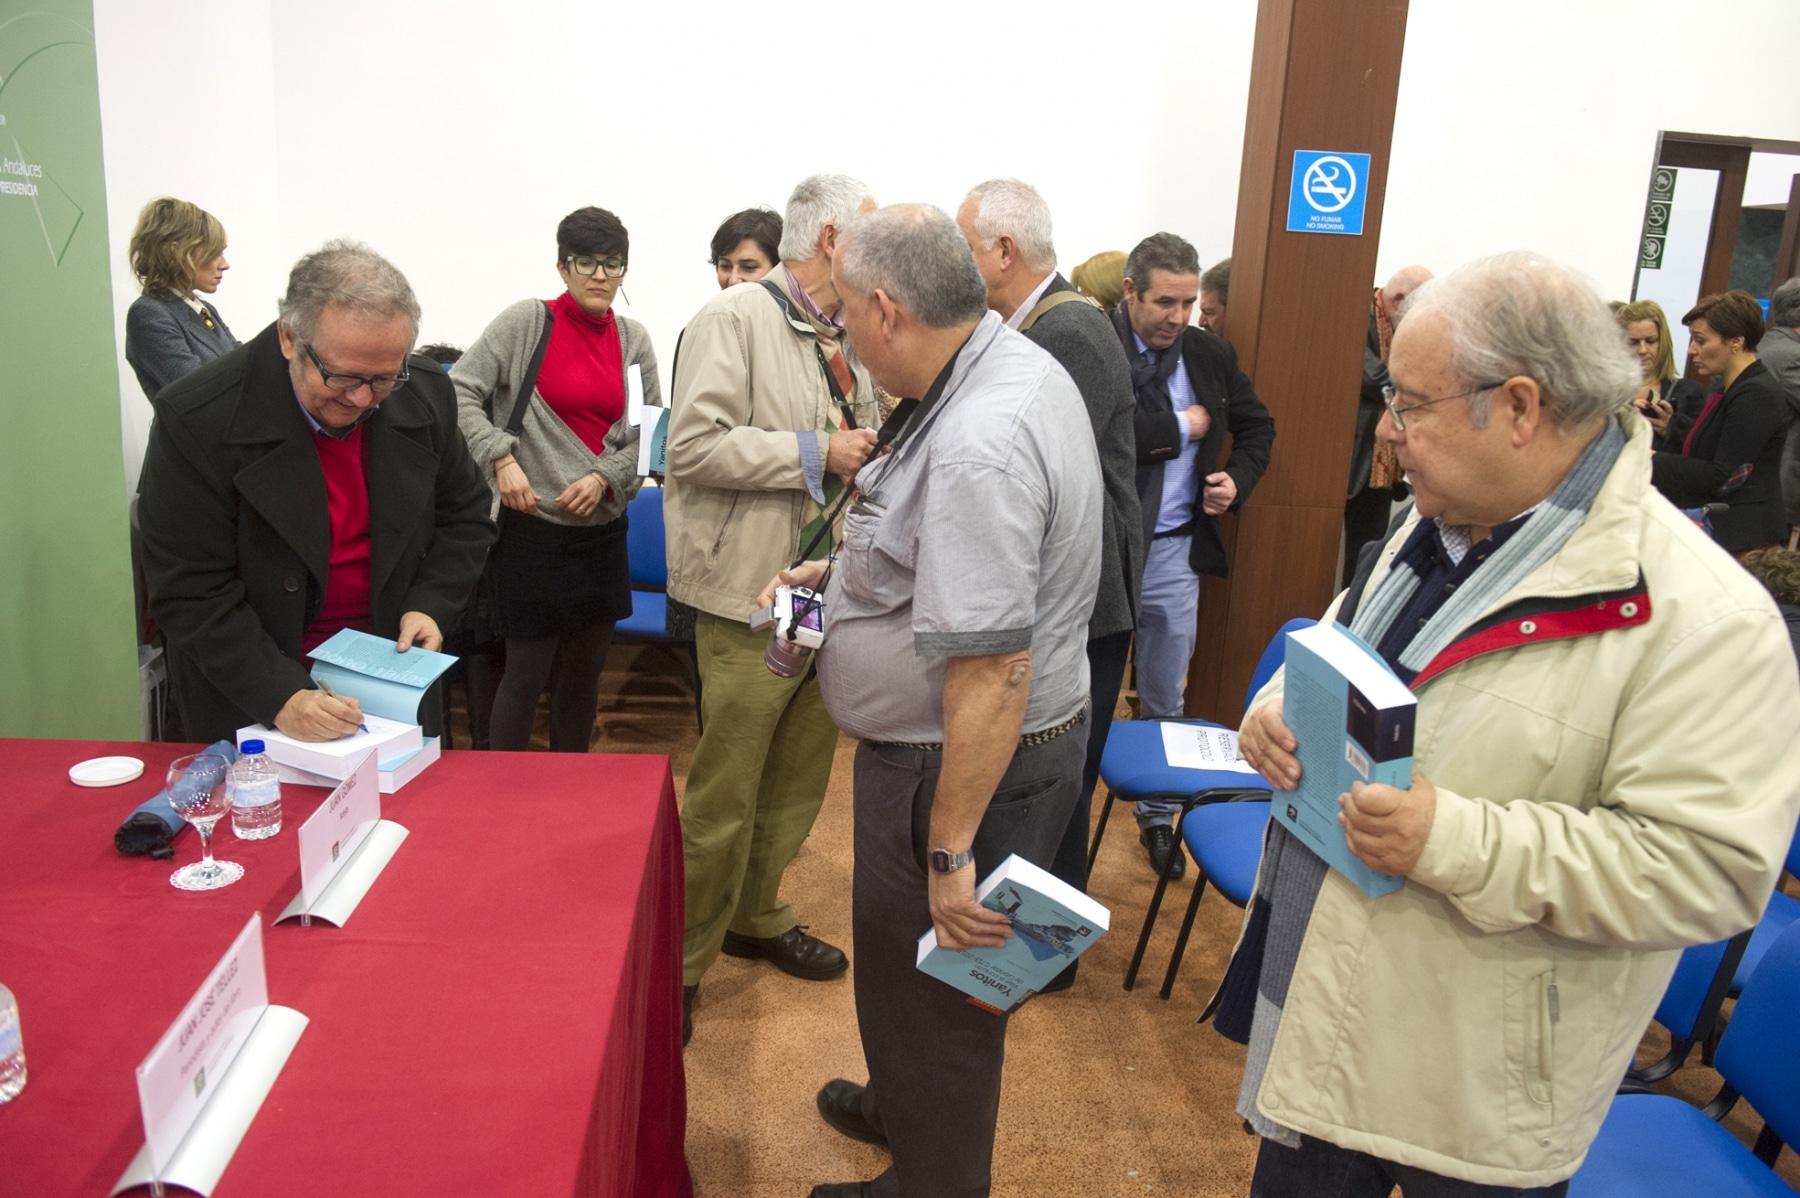 presentacin-libro-yanitos-tllez33_12102483146_o